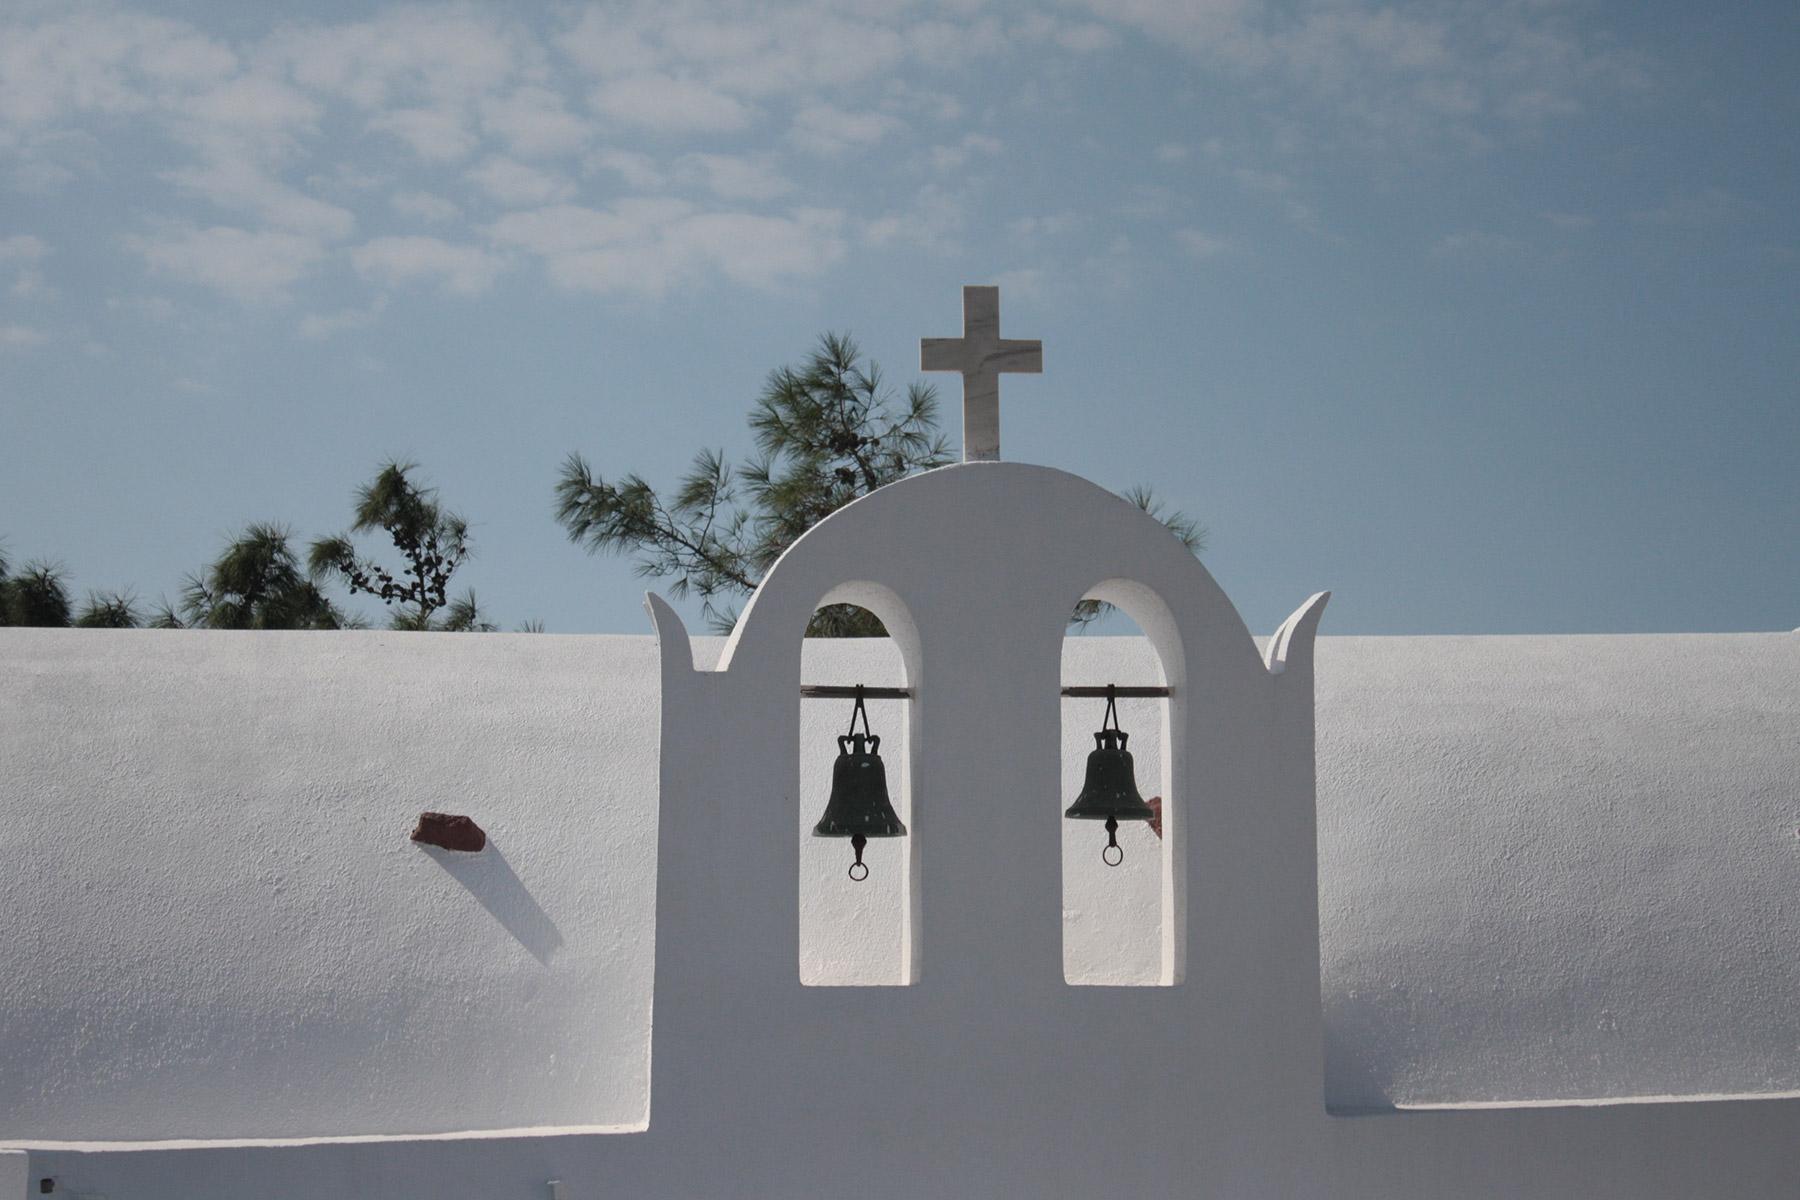 Vista di una chiesa a Santorini con campanile